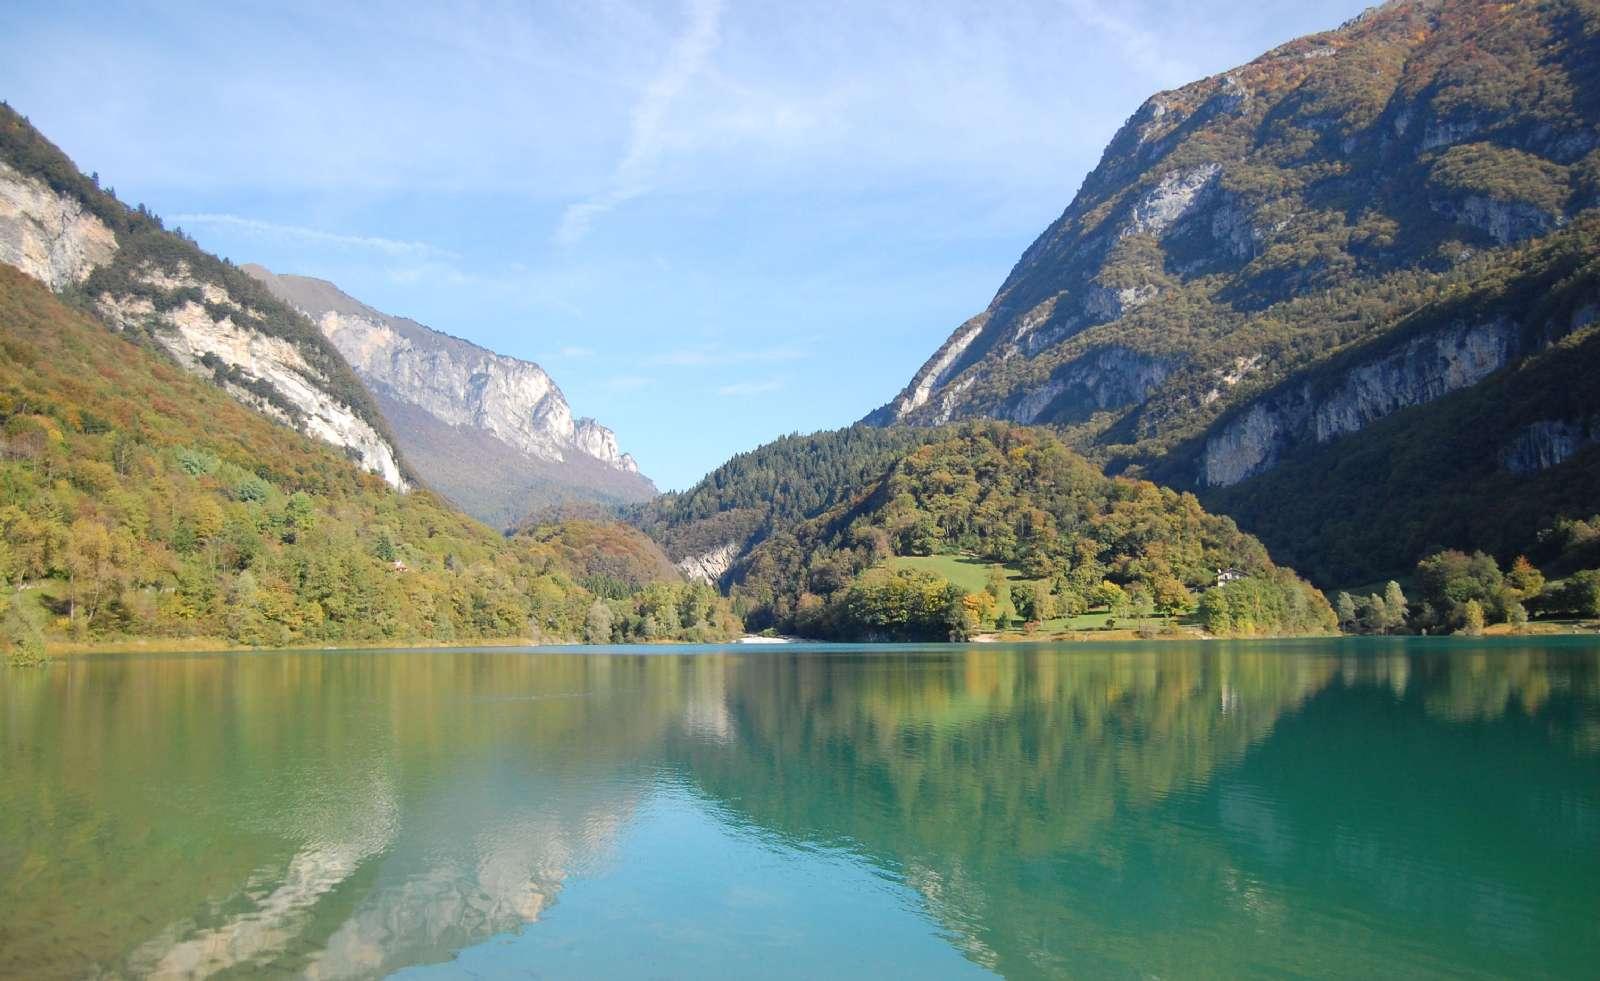 Tenno-søen umiddelbart nord for Riva del Garda